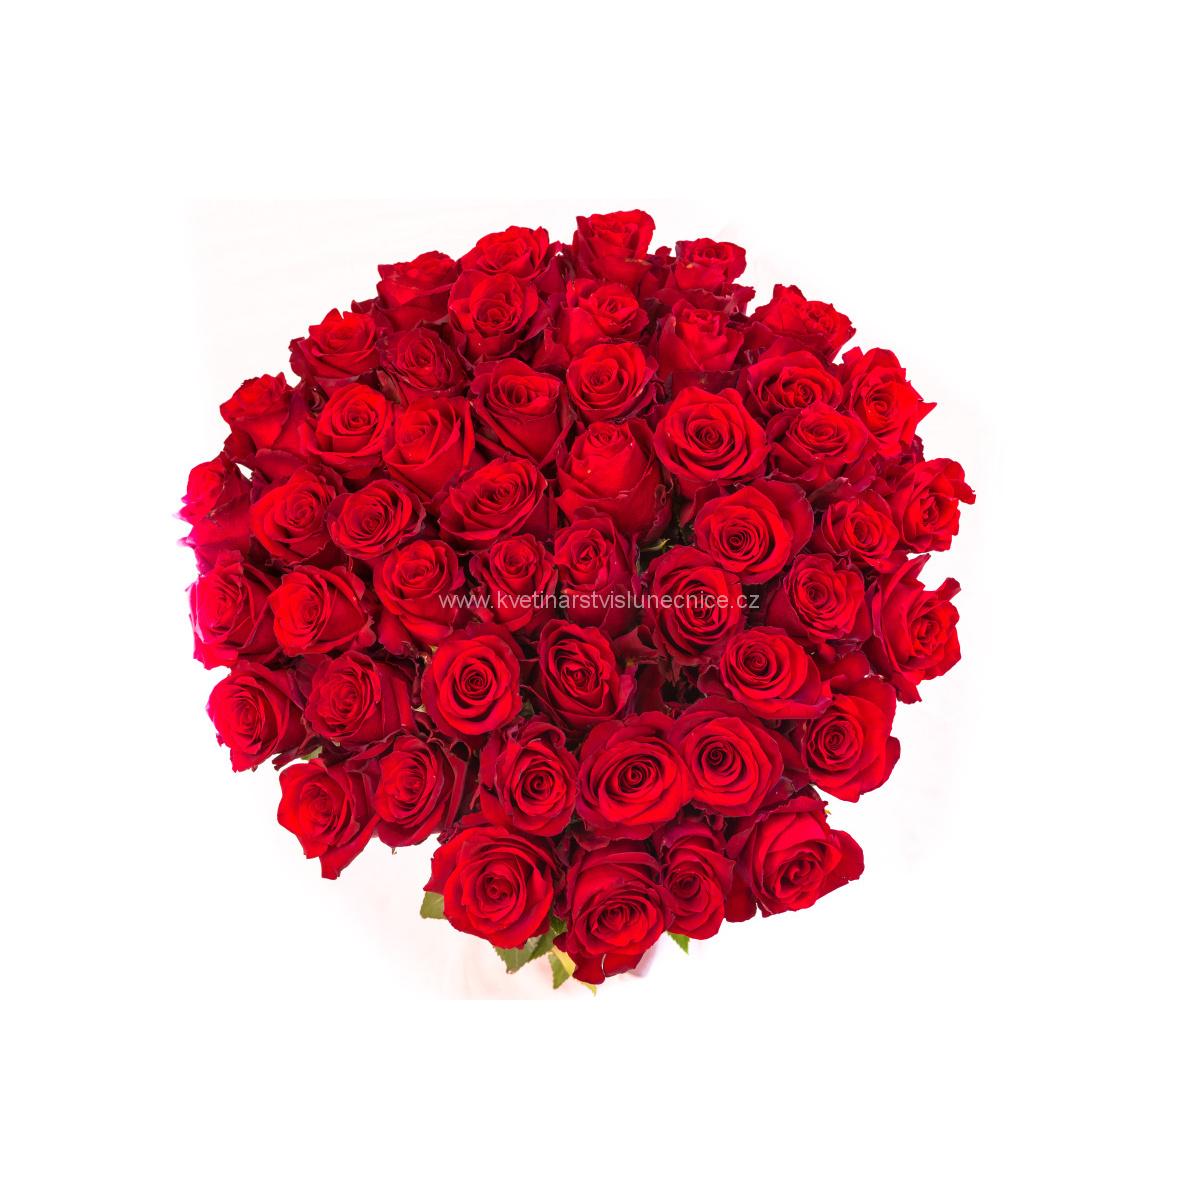 puget 45 50 55 60 65 70 75 80 85 90 95 100 růží